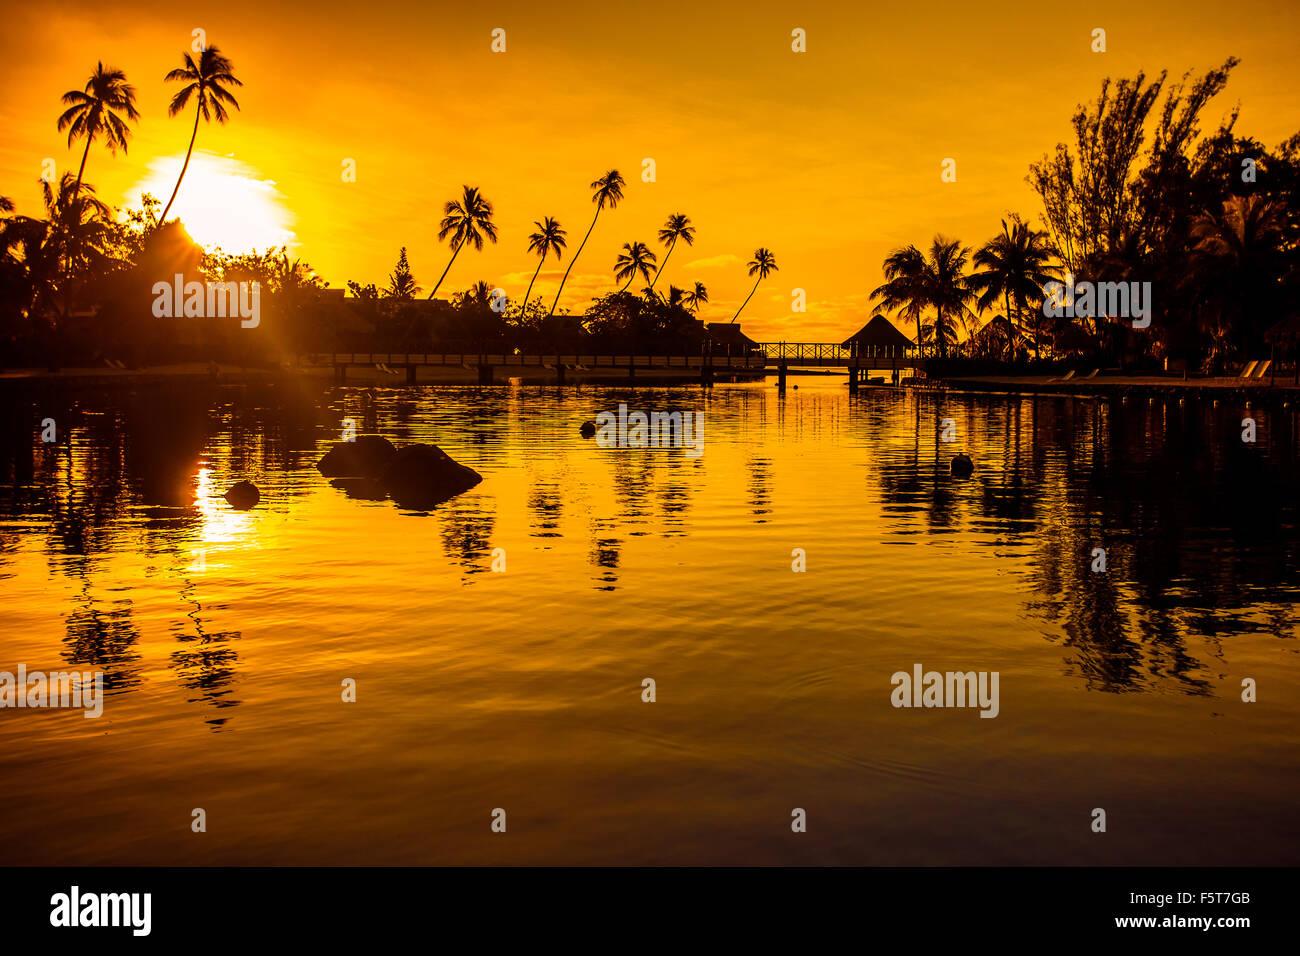 Tramonto in un paradiso tropicale con palme e oceano Immagini Stock